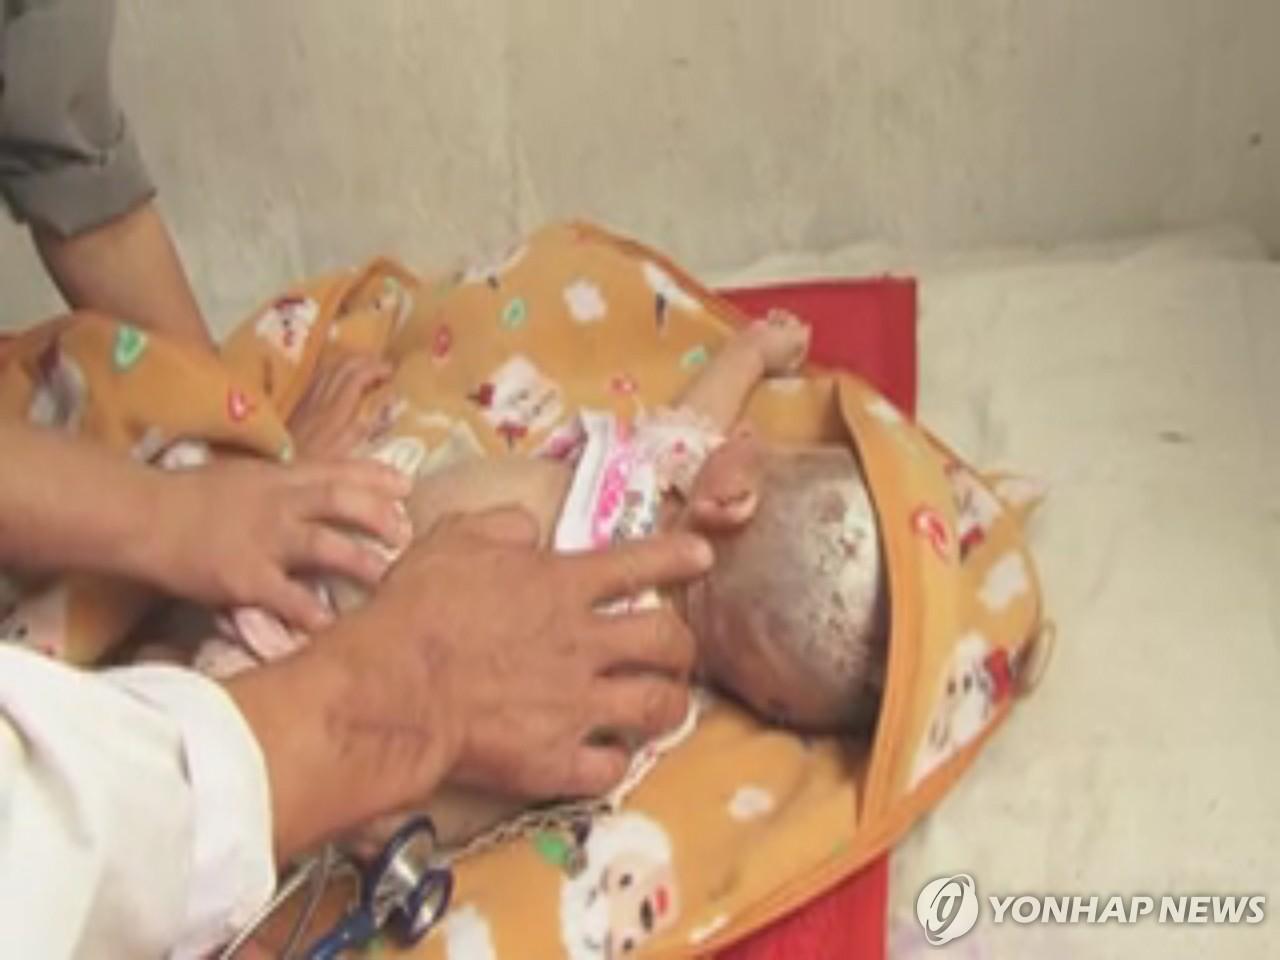 朝鲜儿童营养严重匮乏致疾病